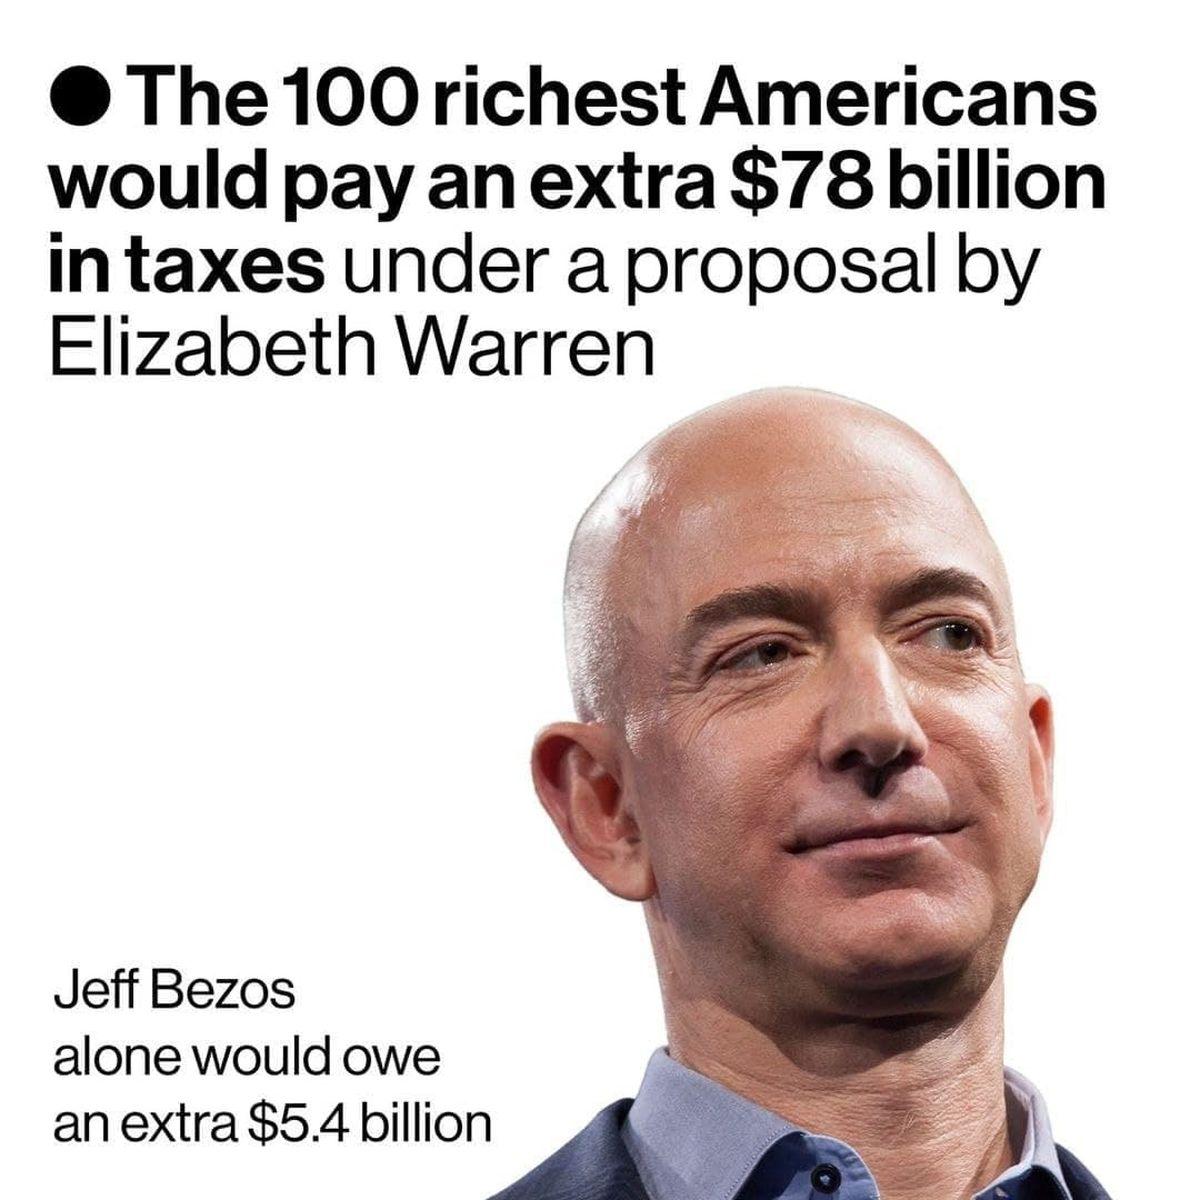 فوق ثروتمندان در صورت تصویب قانون جریمه مالیاتی چقدر باید پرداخت کنند؟